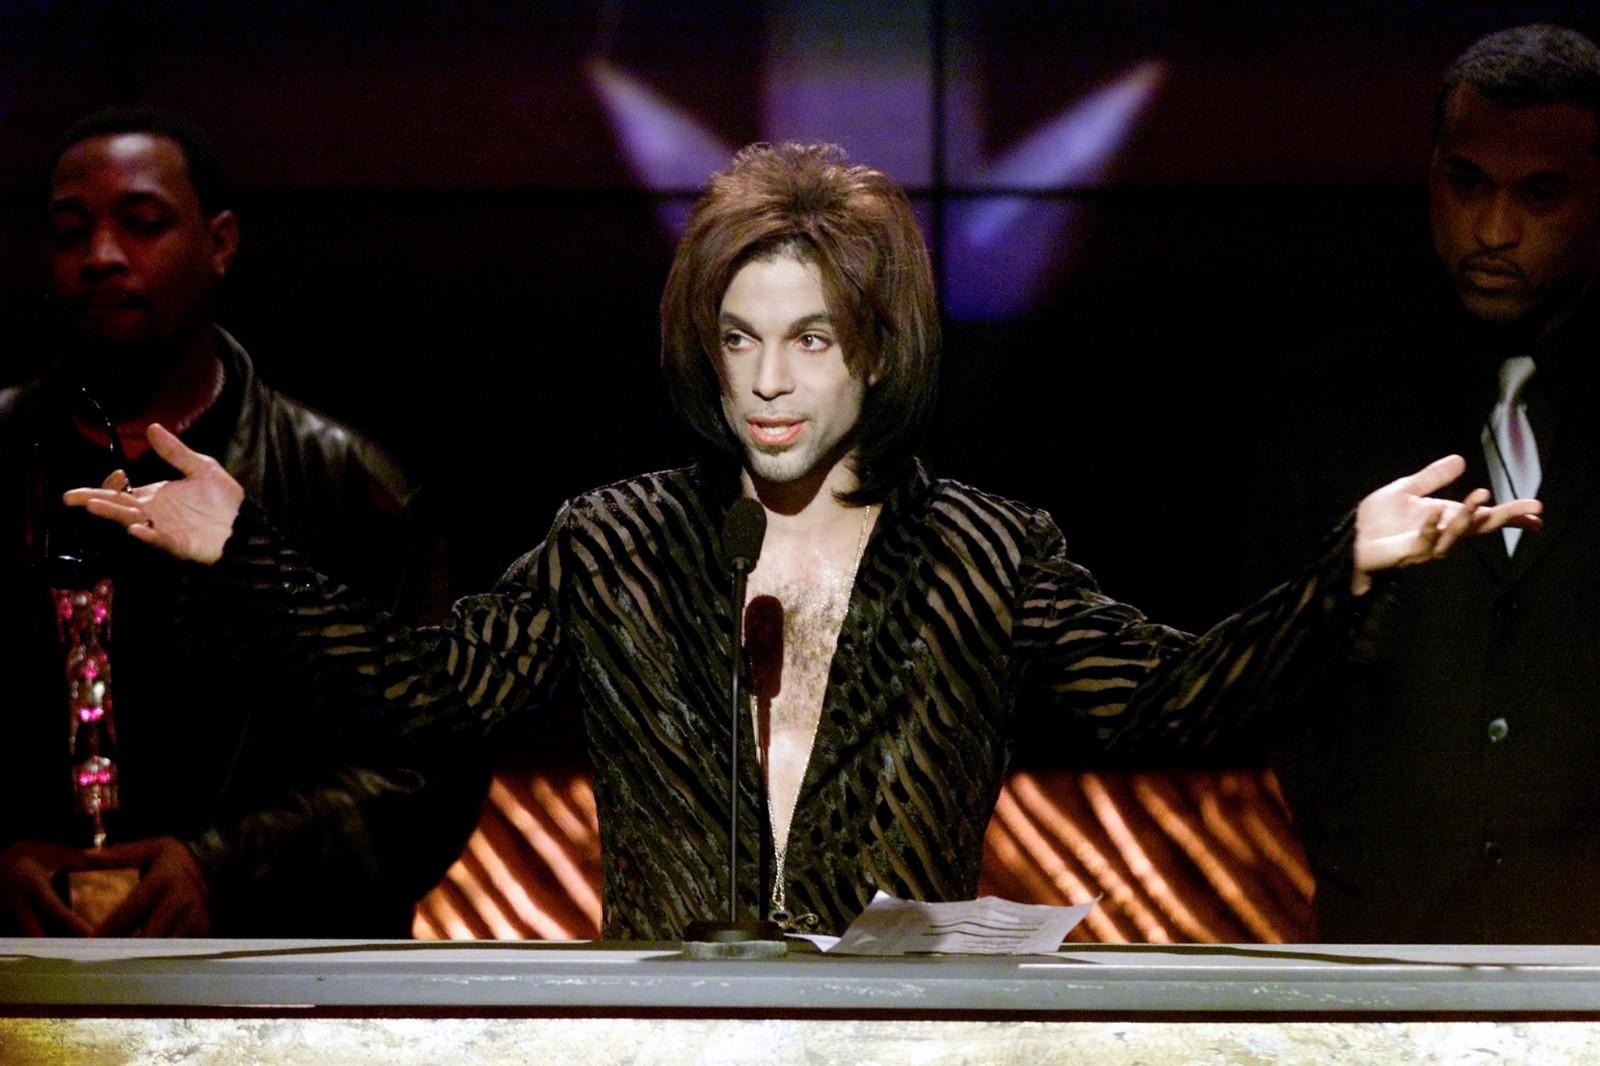 Prince takker etter han vant Tiårets artist av Soul Train Music Awards i år 2000.